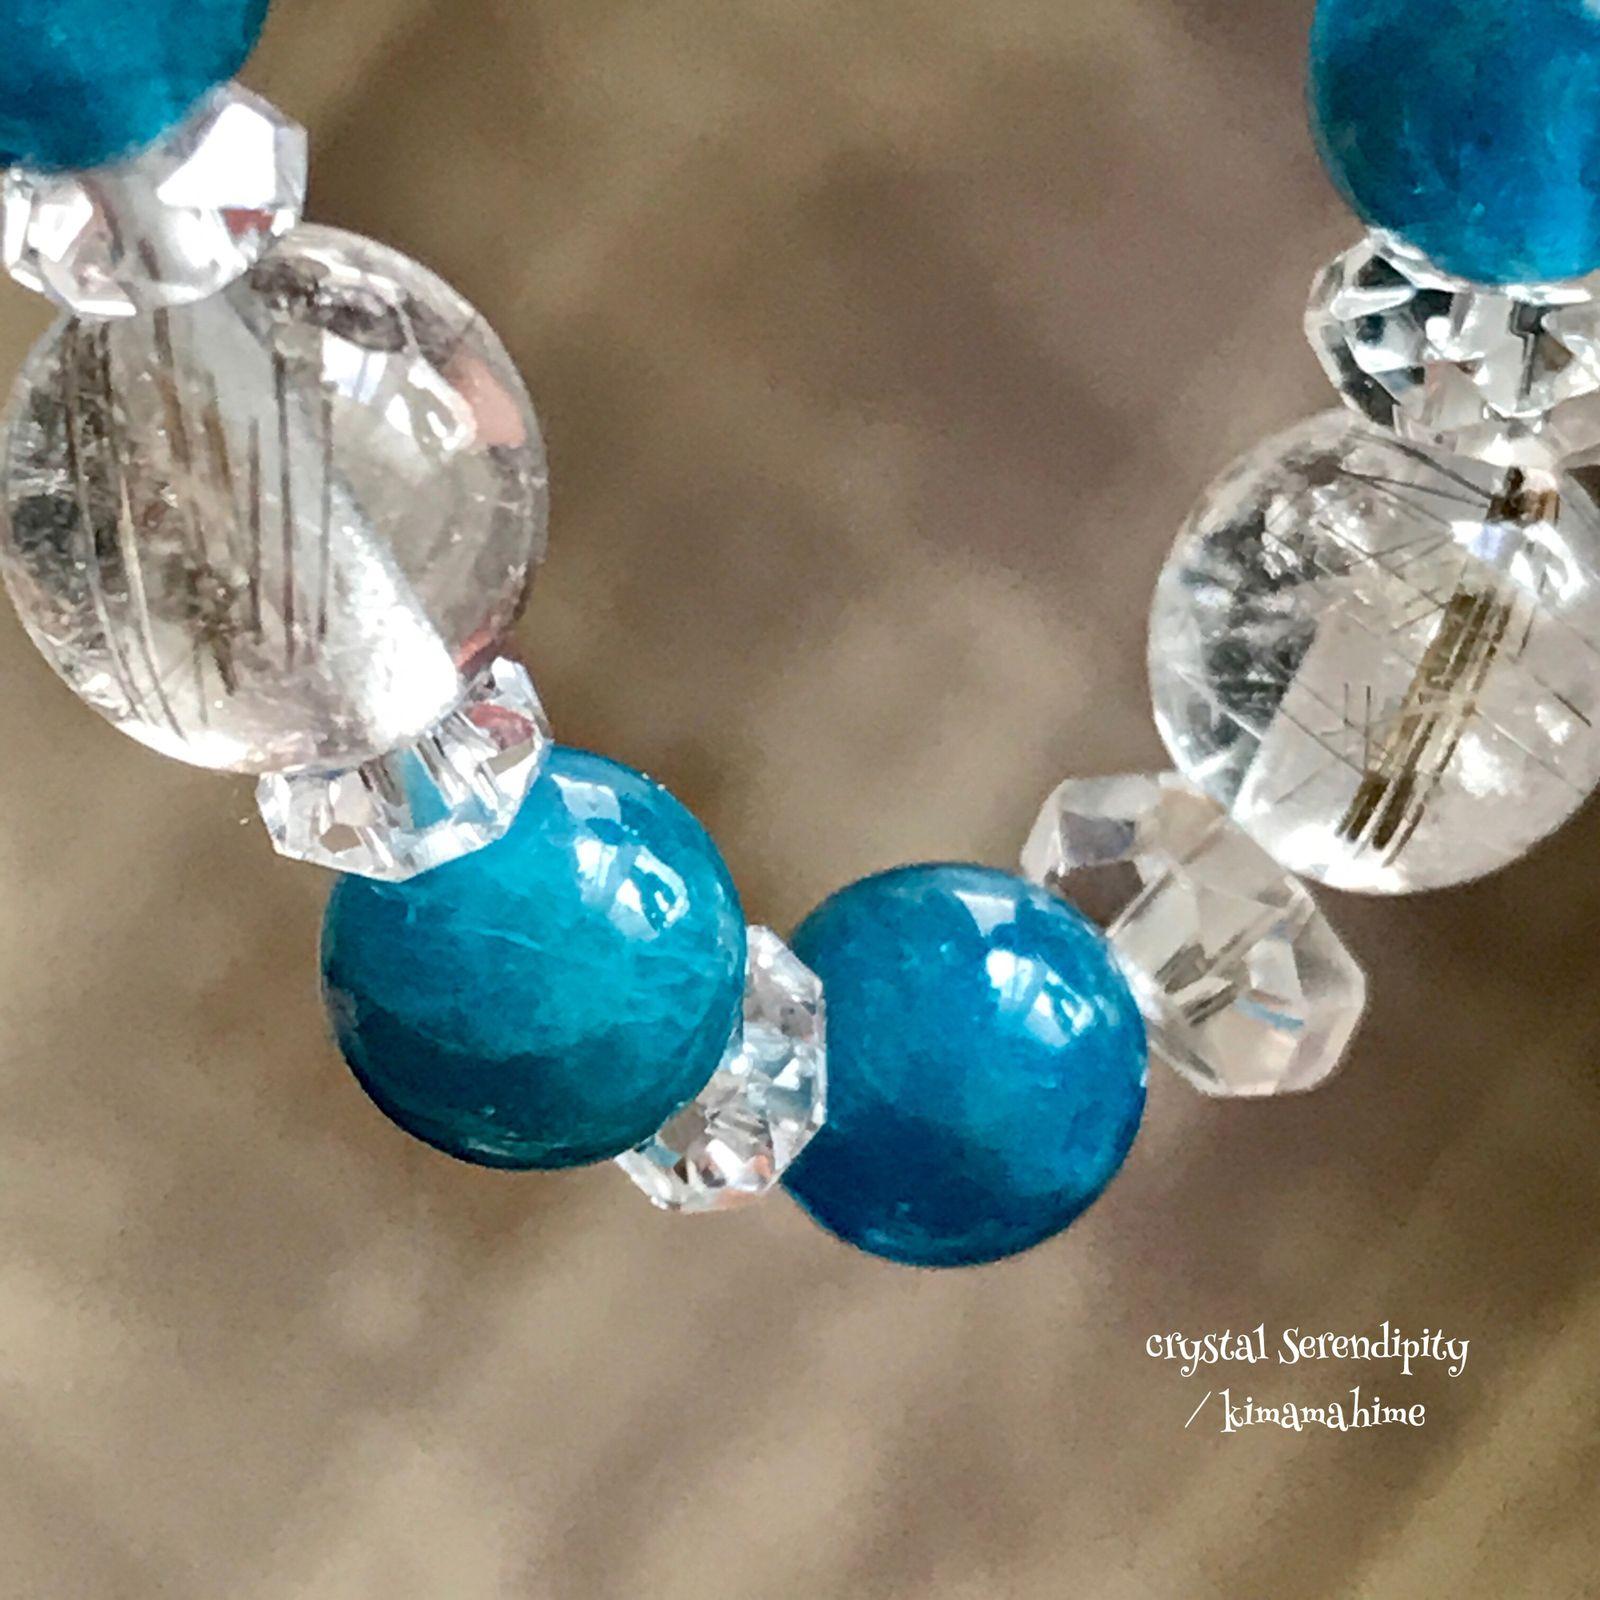 美品 透明 精神力強化 冷静さ 生命力 健康 若さ シルバールチル アパタイト 水晶 クリスタル 天然石 パワーストーン 開運 運気アップ ブルー ブレスレット アクセサリー 値下げ セール 2021 水晶 クリスタル 夫へのプレゼント